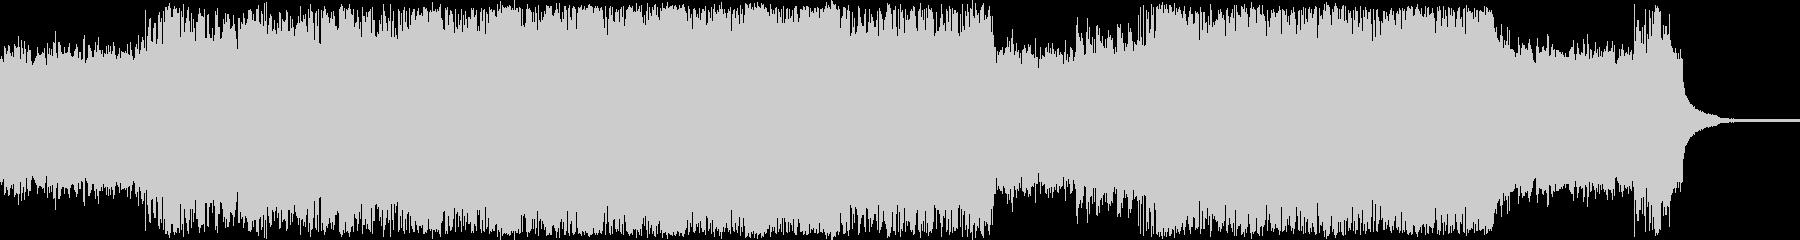 サスペンス調のシンプルなロックの未再生の波形